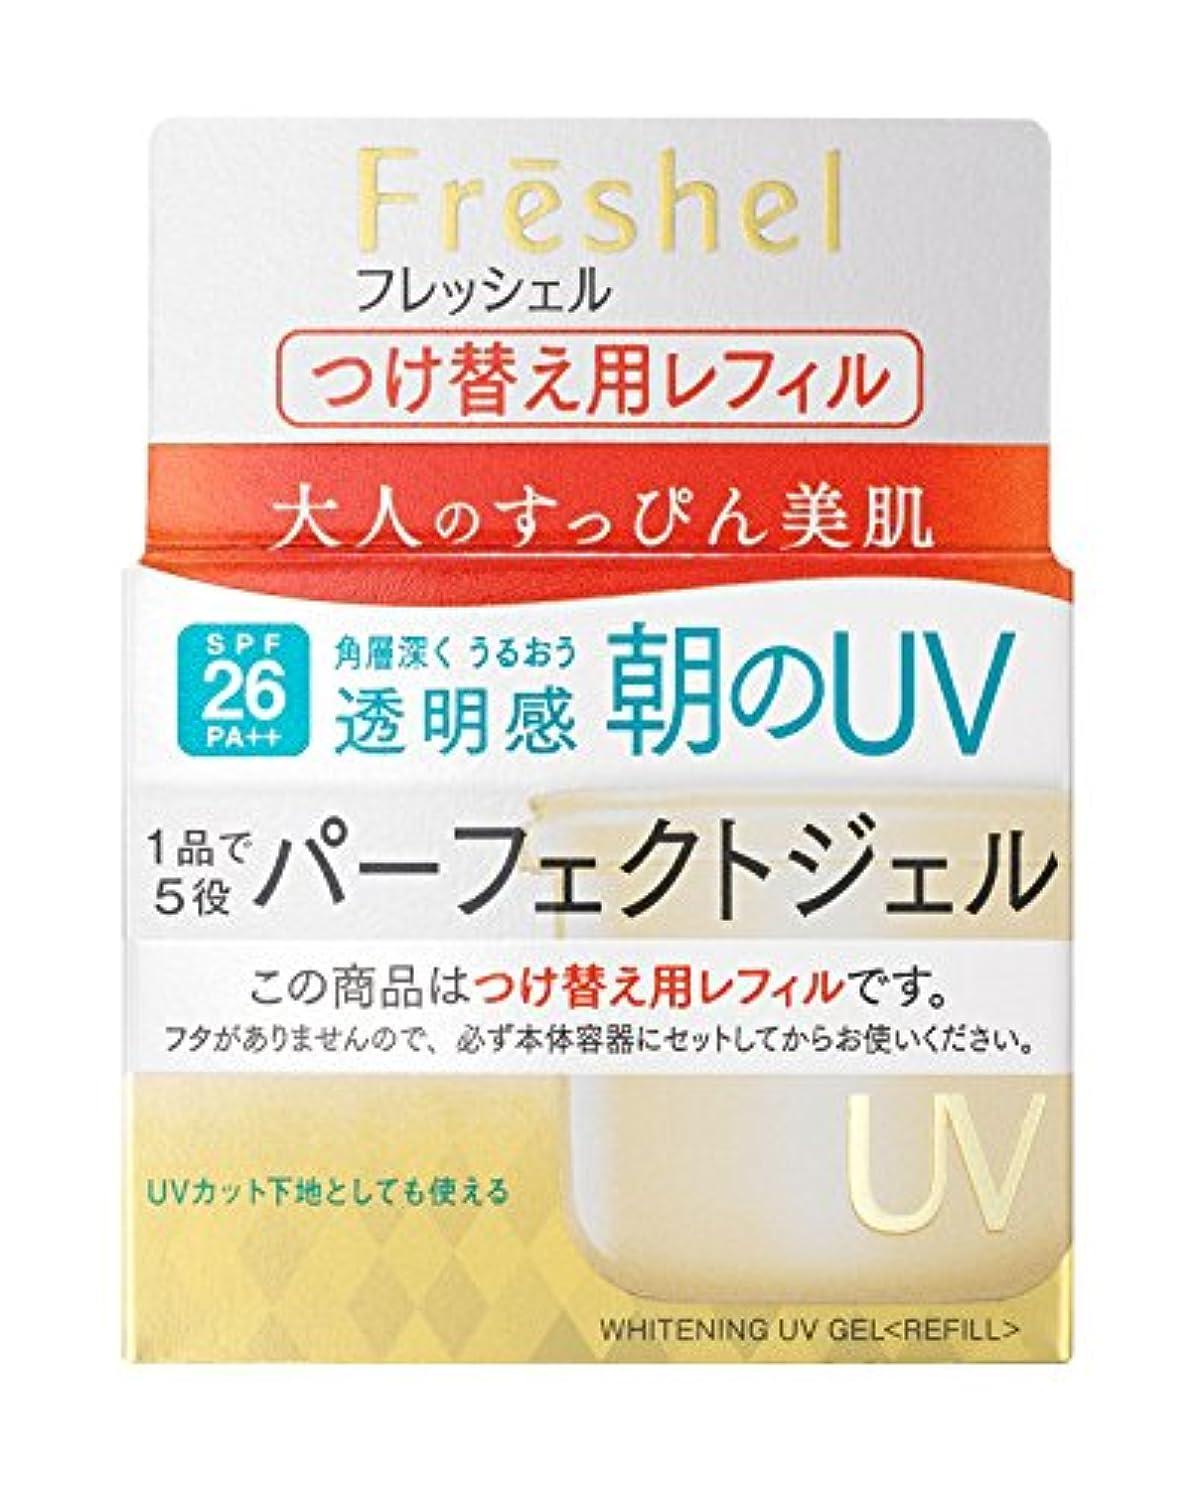 準備したイノセンス目の前のフレッシェル クリーム アクアモイスチャージェル UV <R> 80g [医薬部外品]